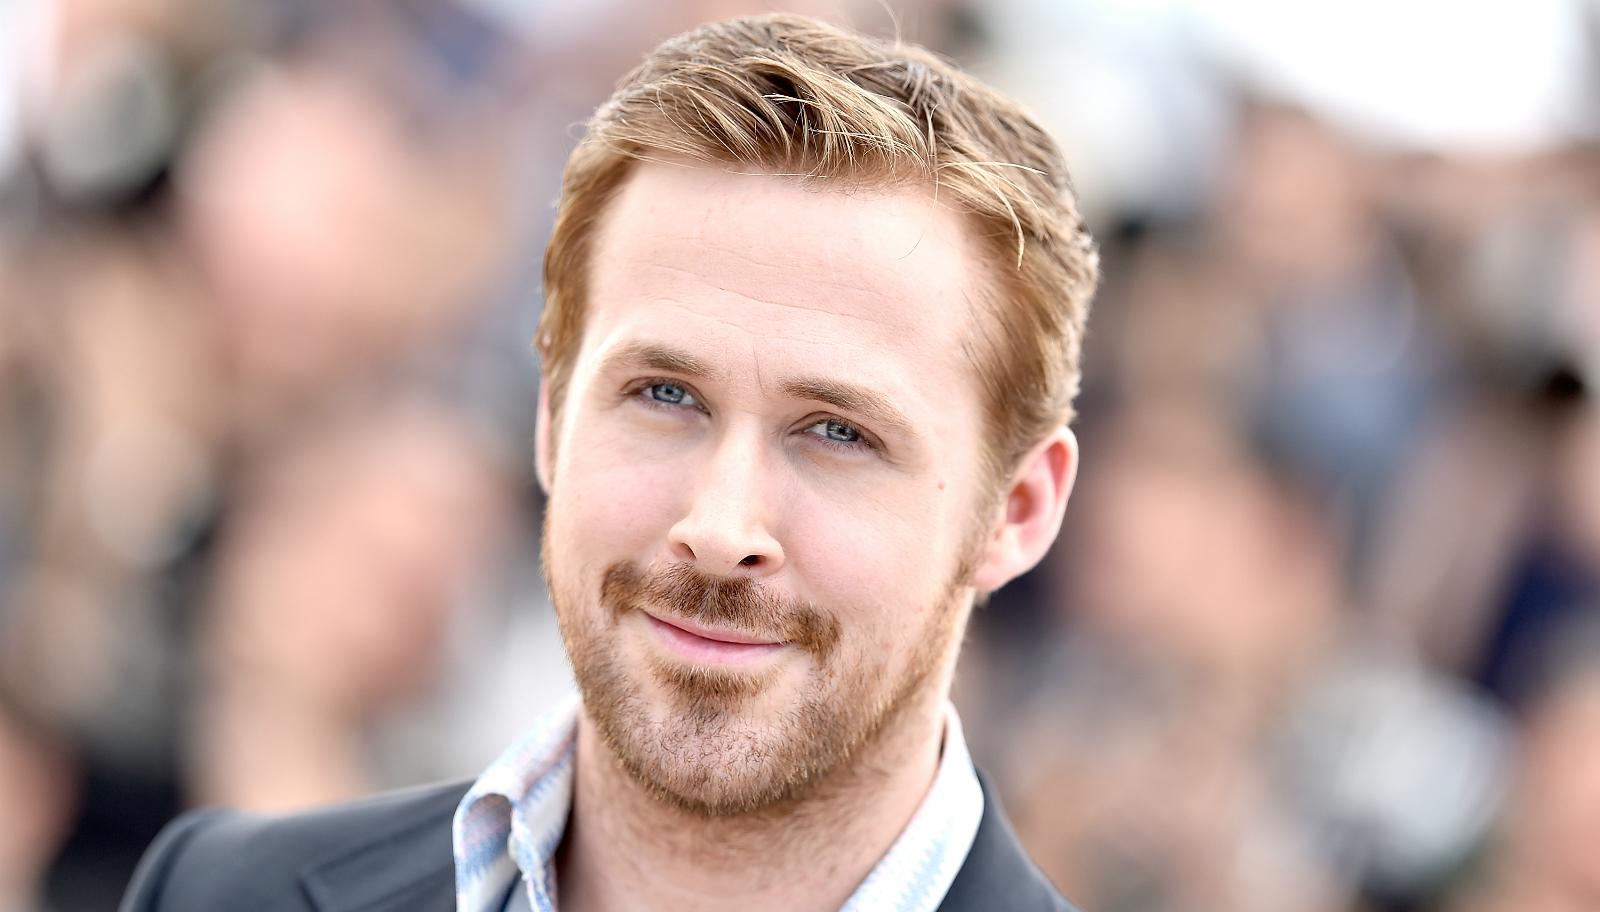 Ryan Gosling går i trekvartlange piratbukser, hvis han har lyst